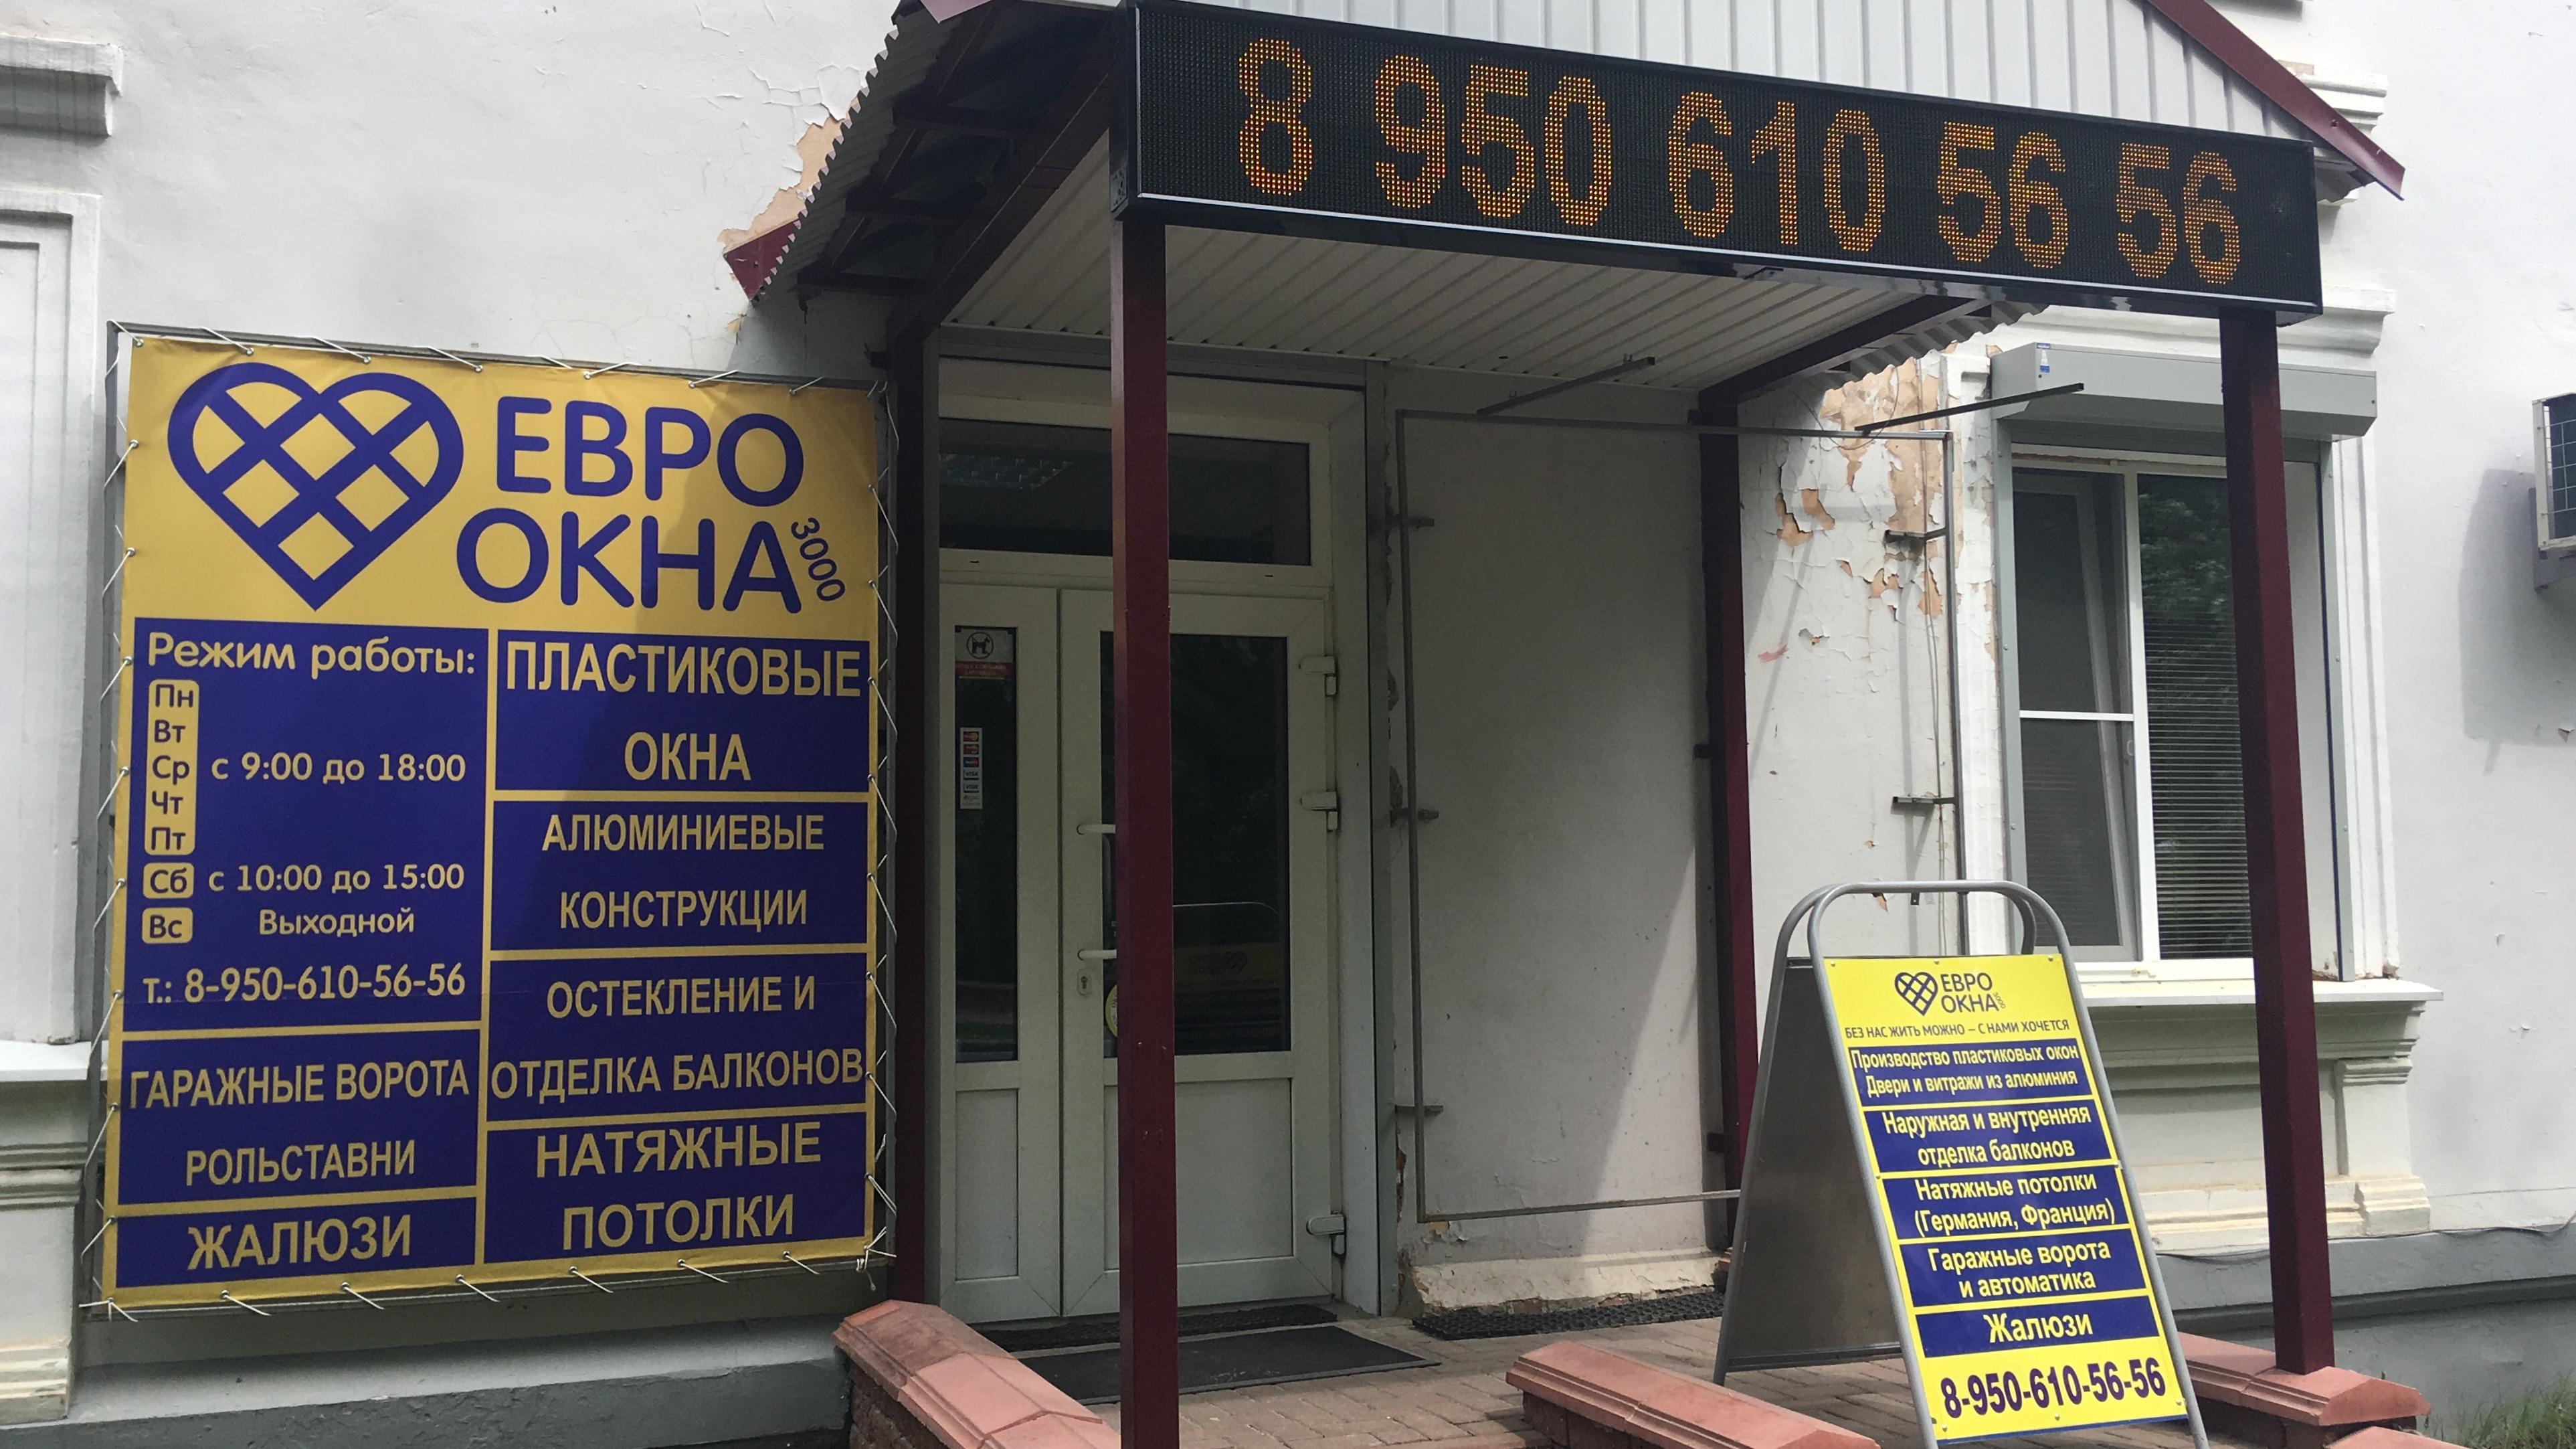 Добро пожаловать в новый офис ЕВРООКНА 3000!